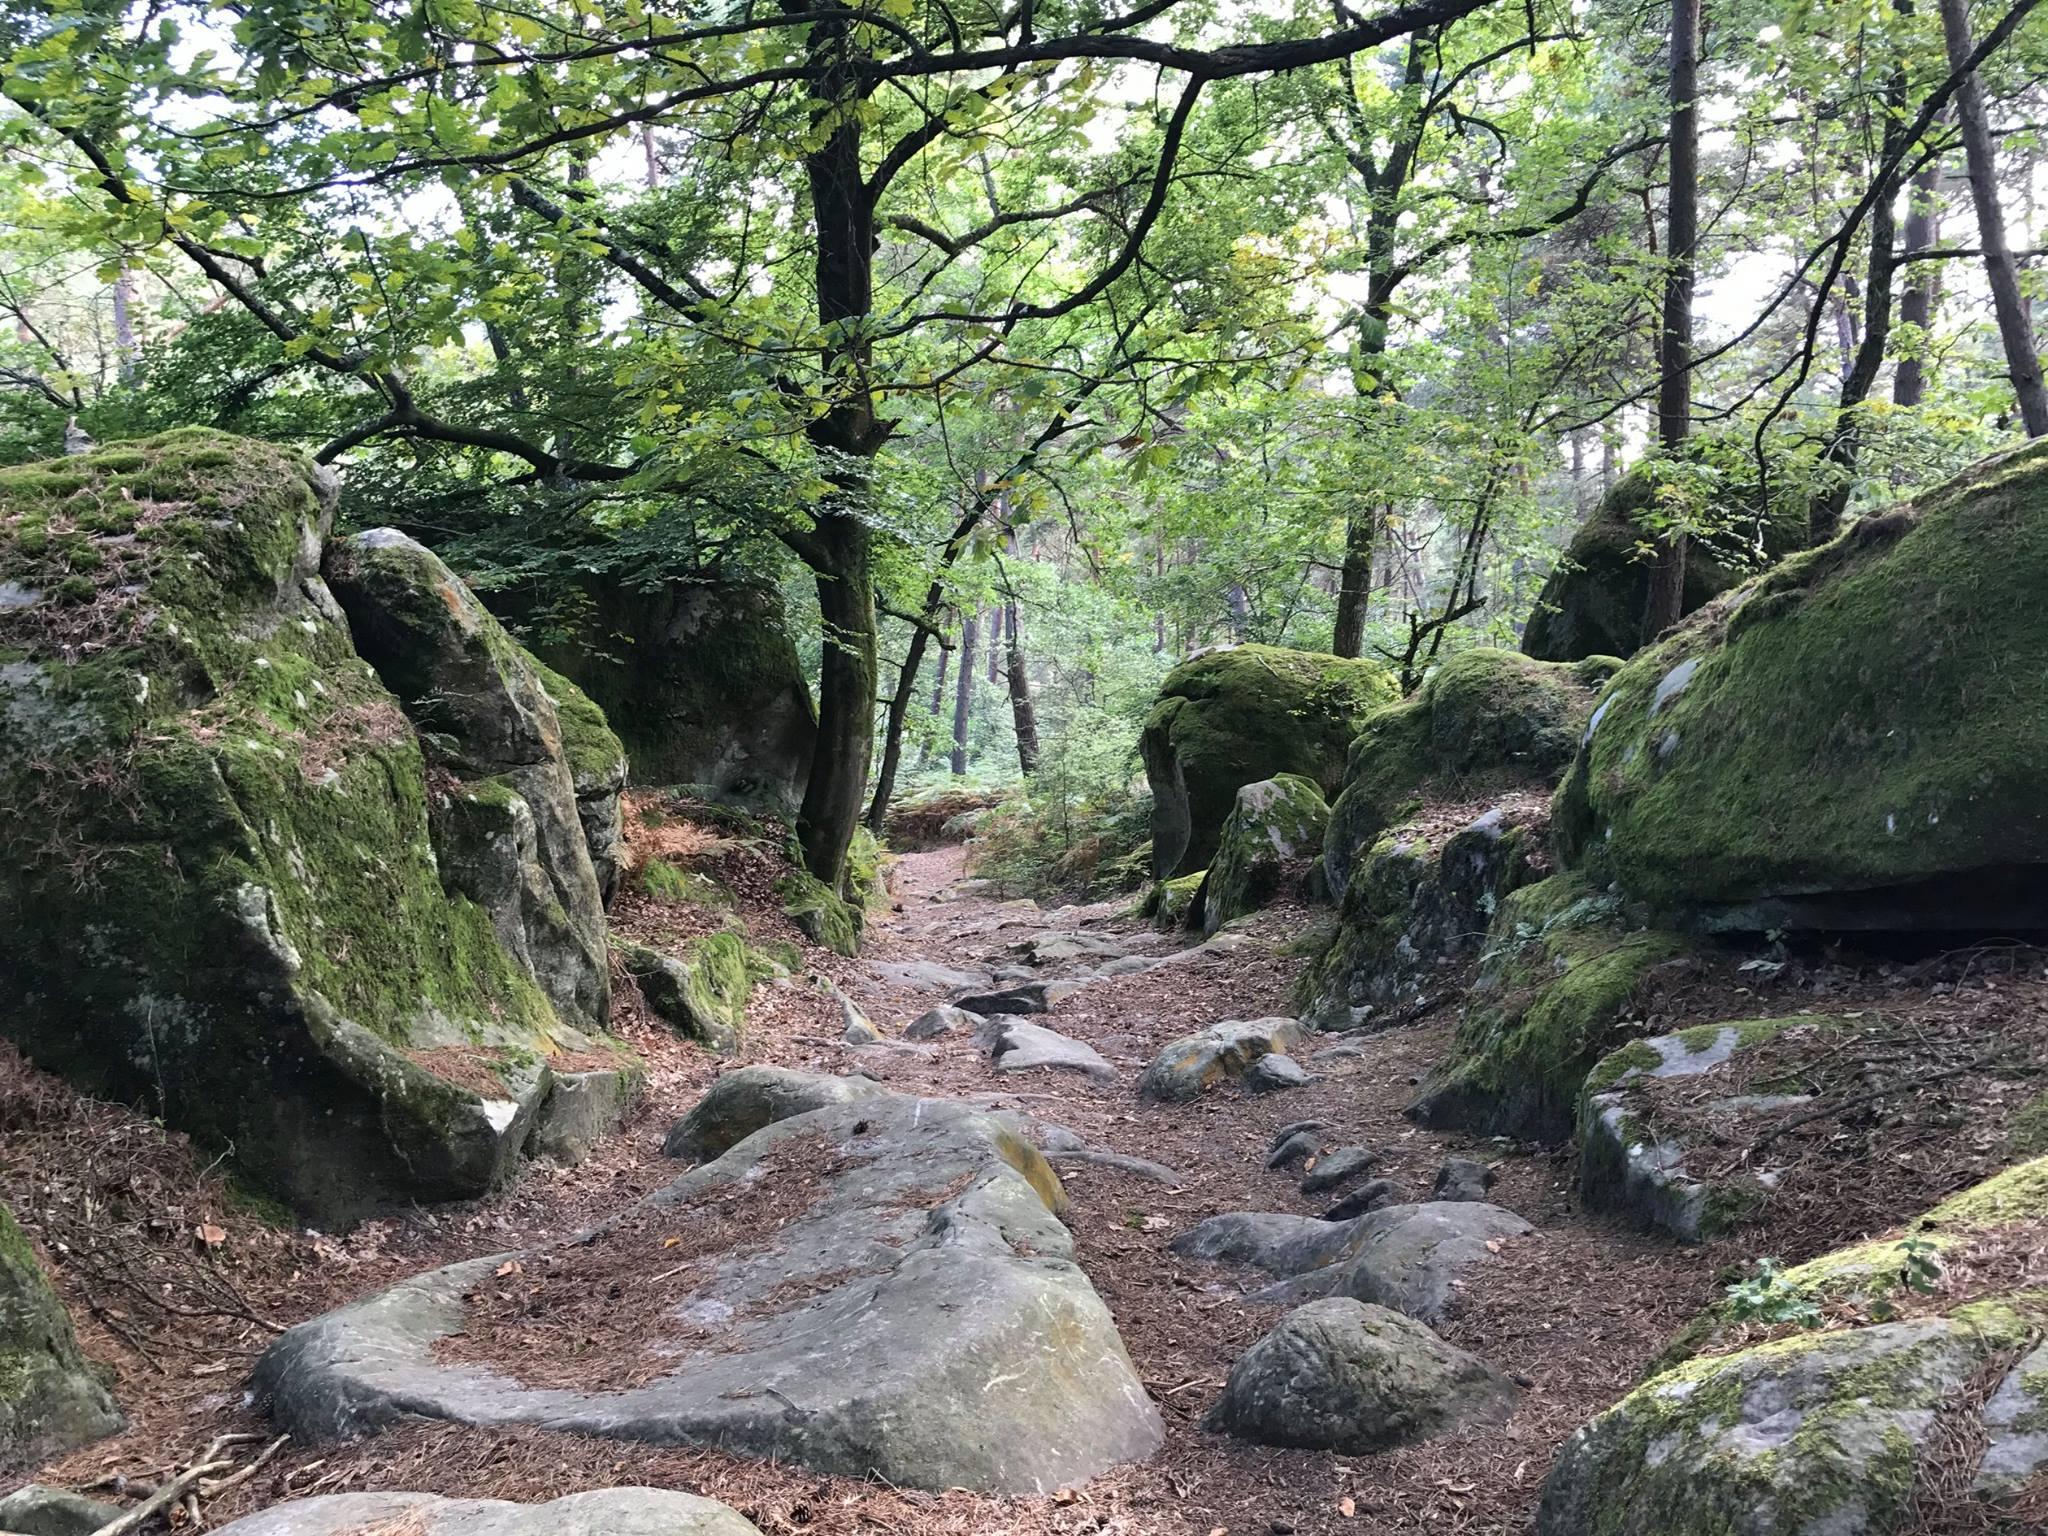 Randonnée en forêt de Fontainebleau, de Melun à Bois-le-Roi